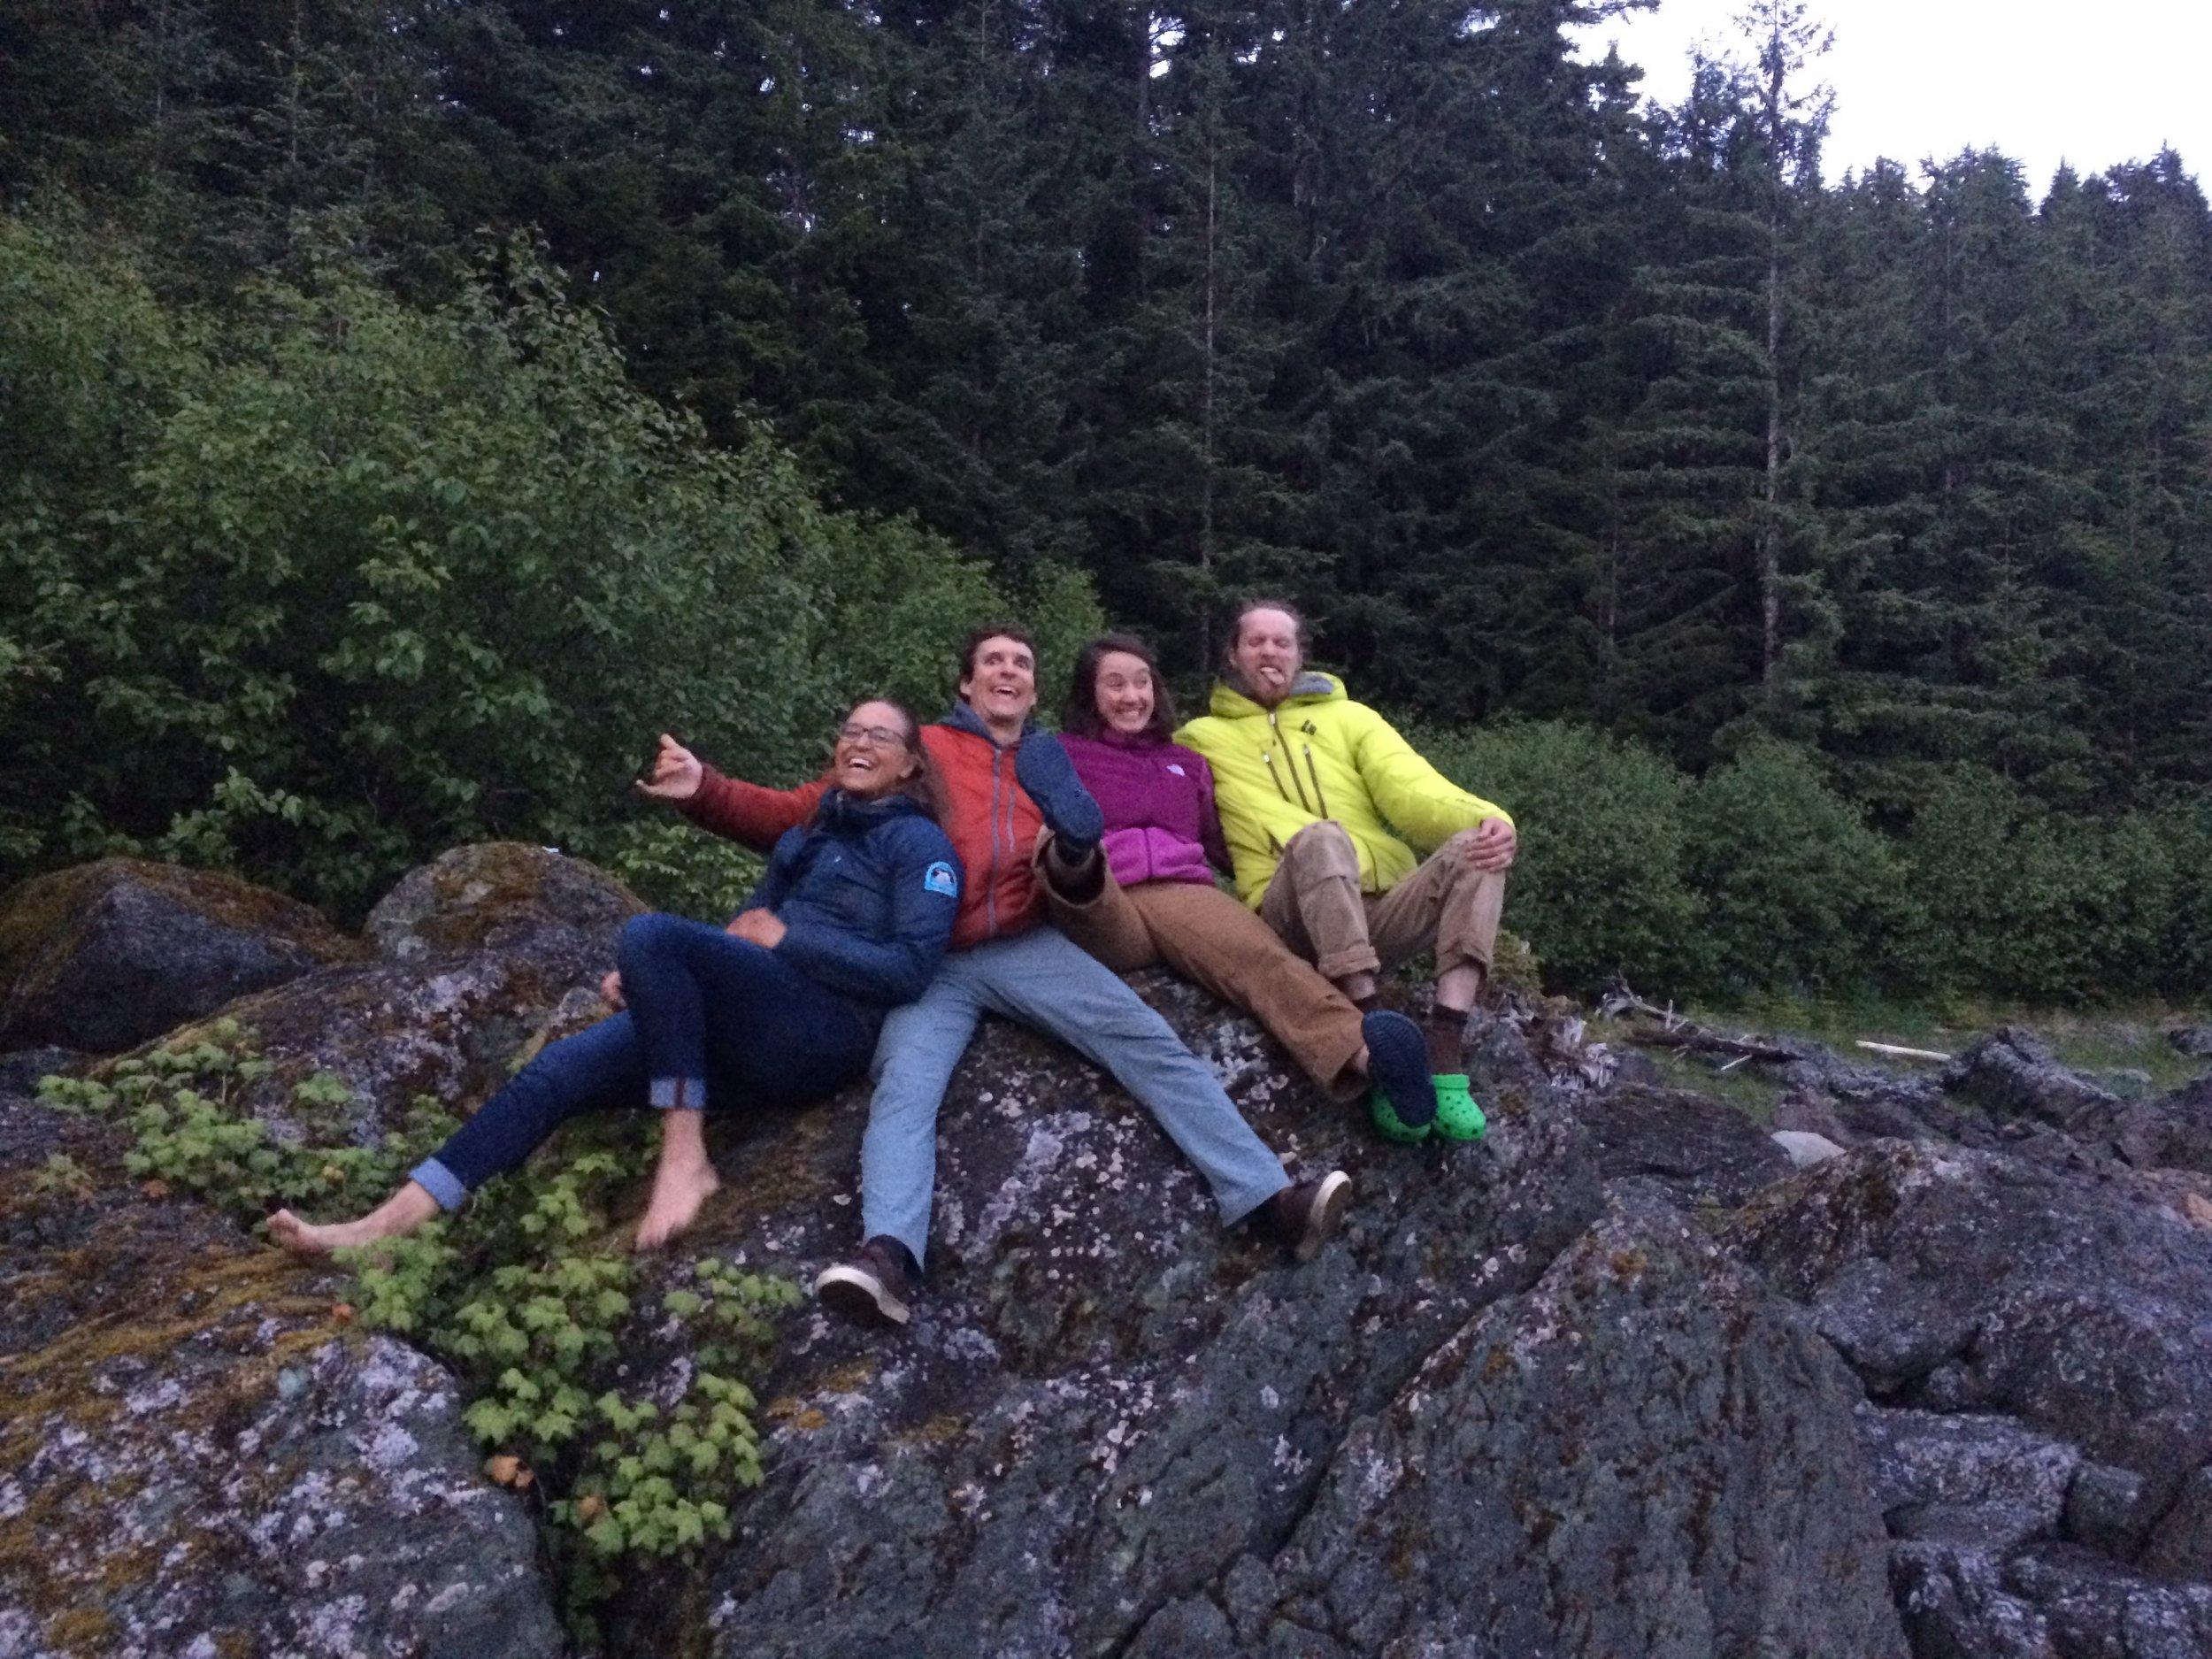 Staffers Allie Strel, Alex Burkhart, Kate Bollen, and Nigel Krumdieck enjoy some goofiness at Eagle Beach after a post-dinner sunset walk.